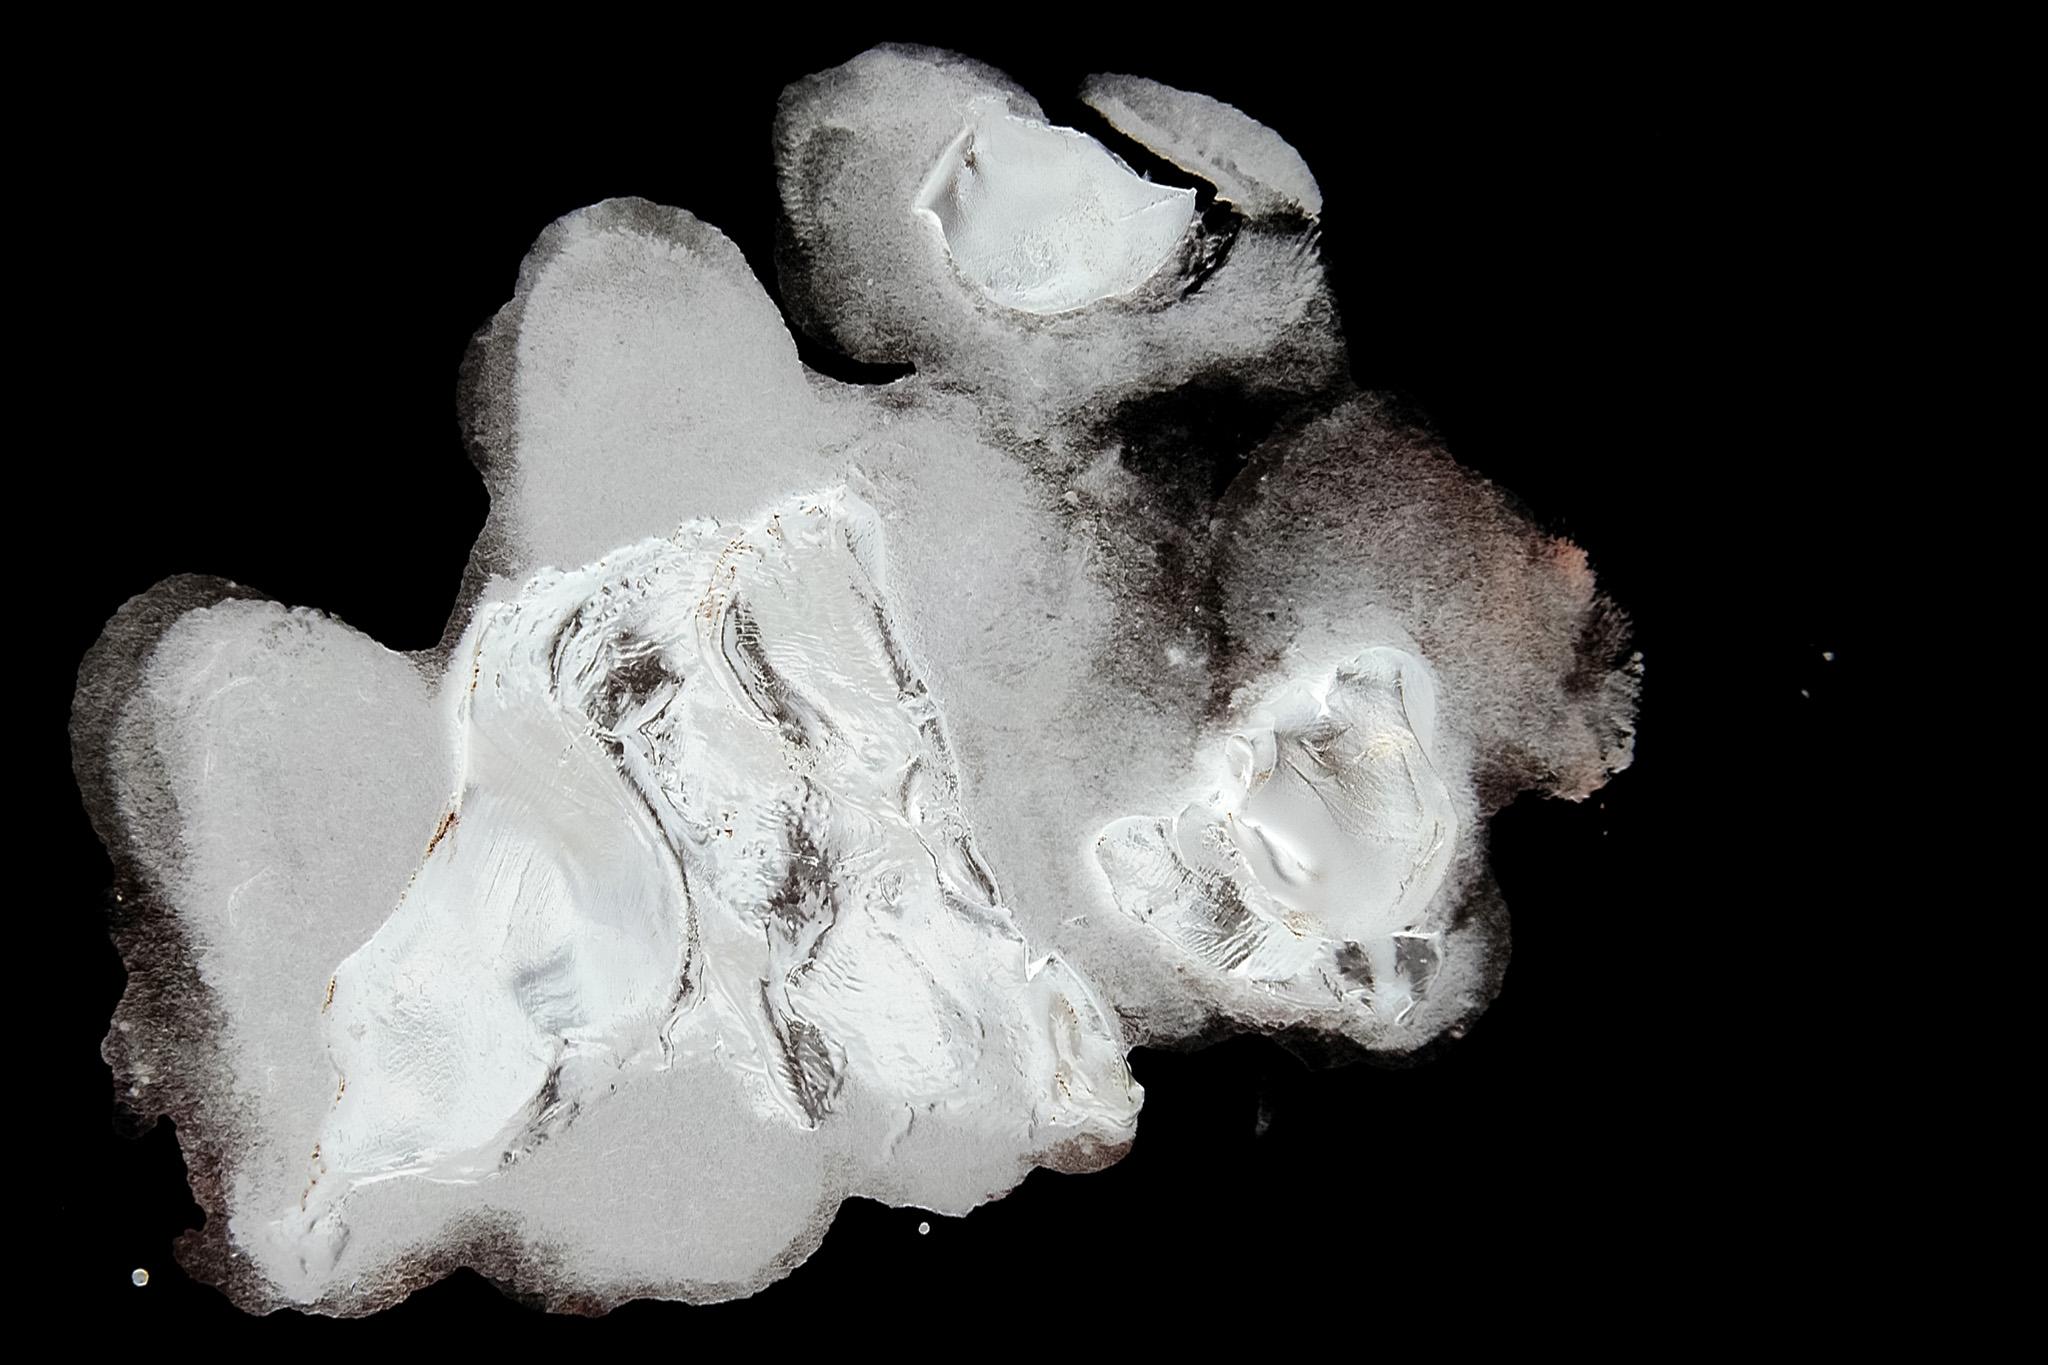 「白い絵具のテクスチャ」